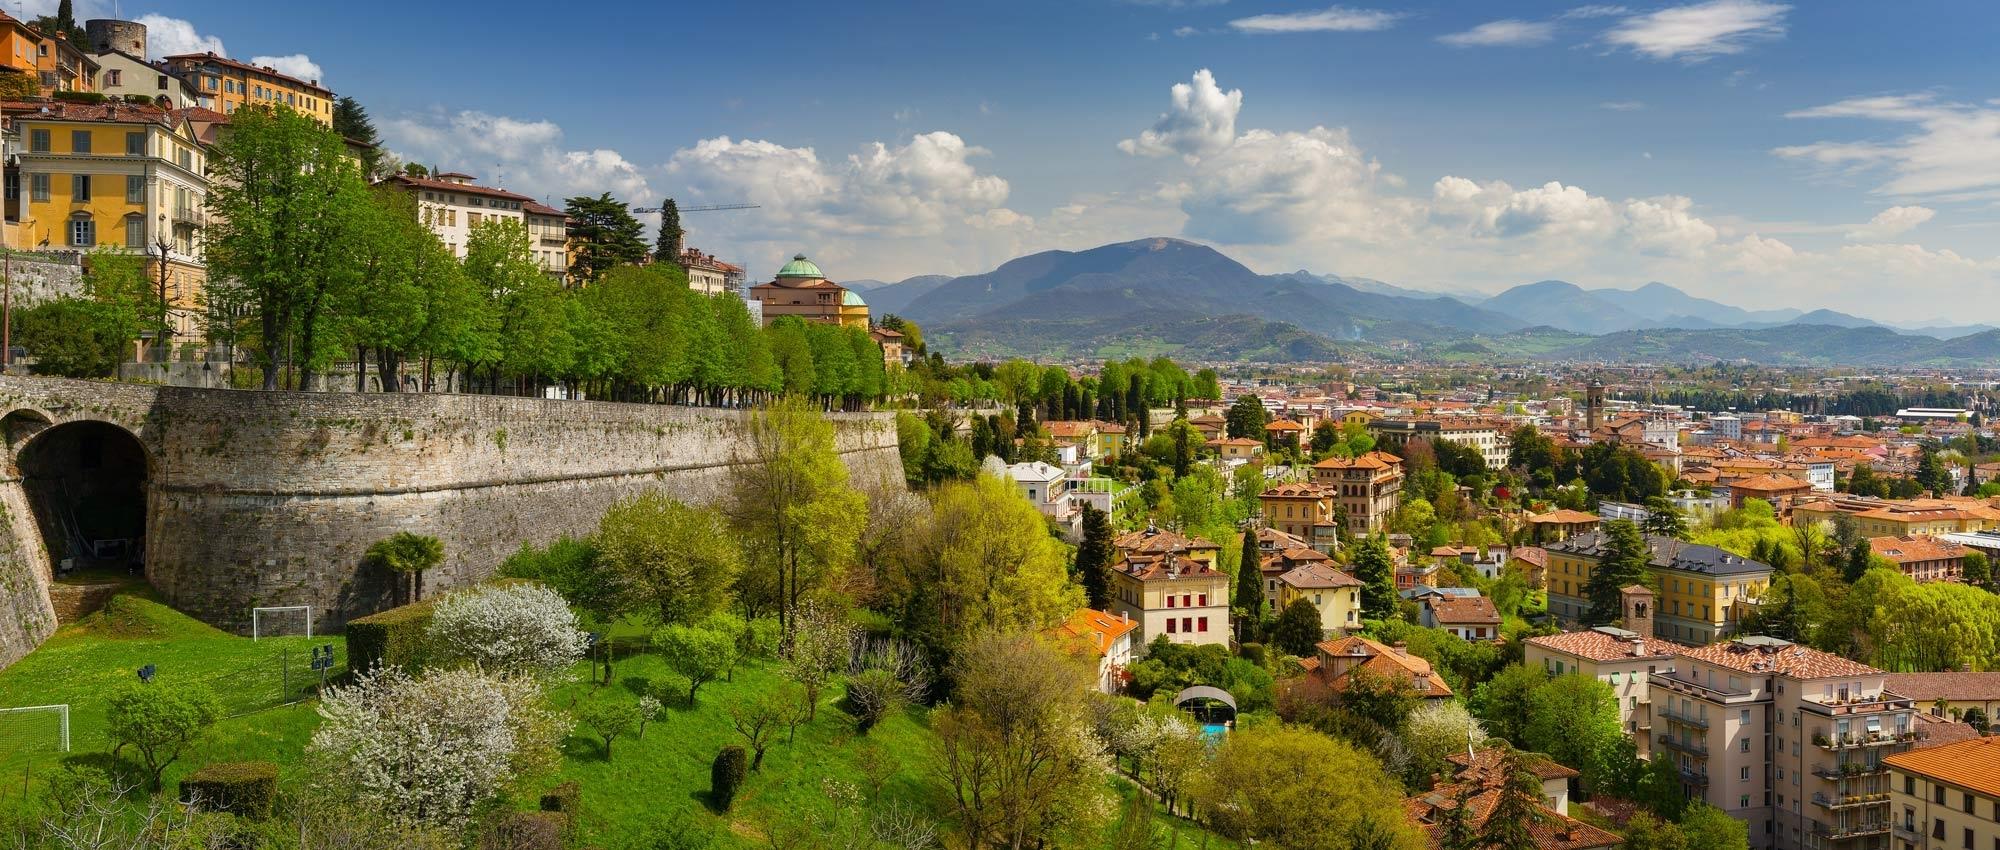 Lamborghini hire in Bergamo